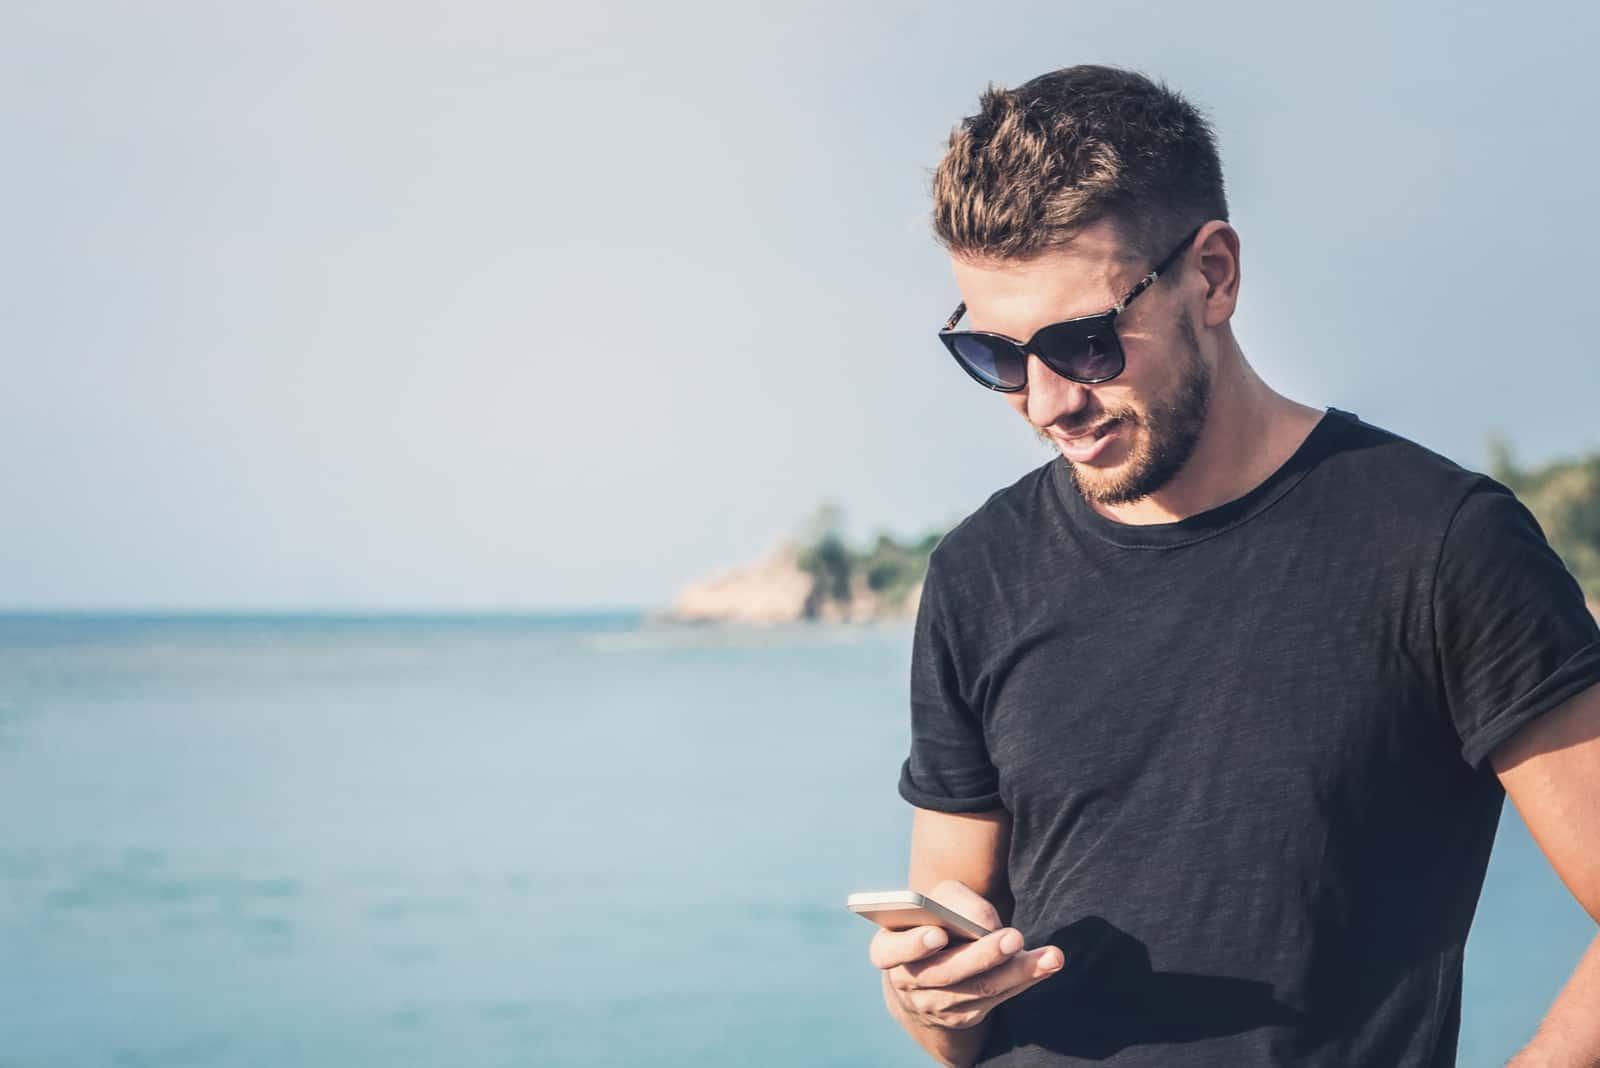 Bel homme à lunettes de soleil tenant un téléphone mobile